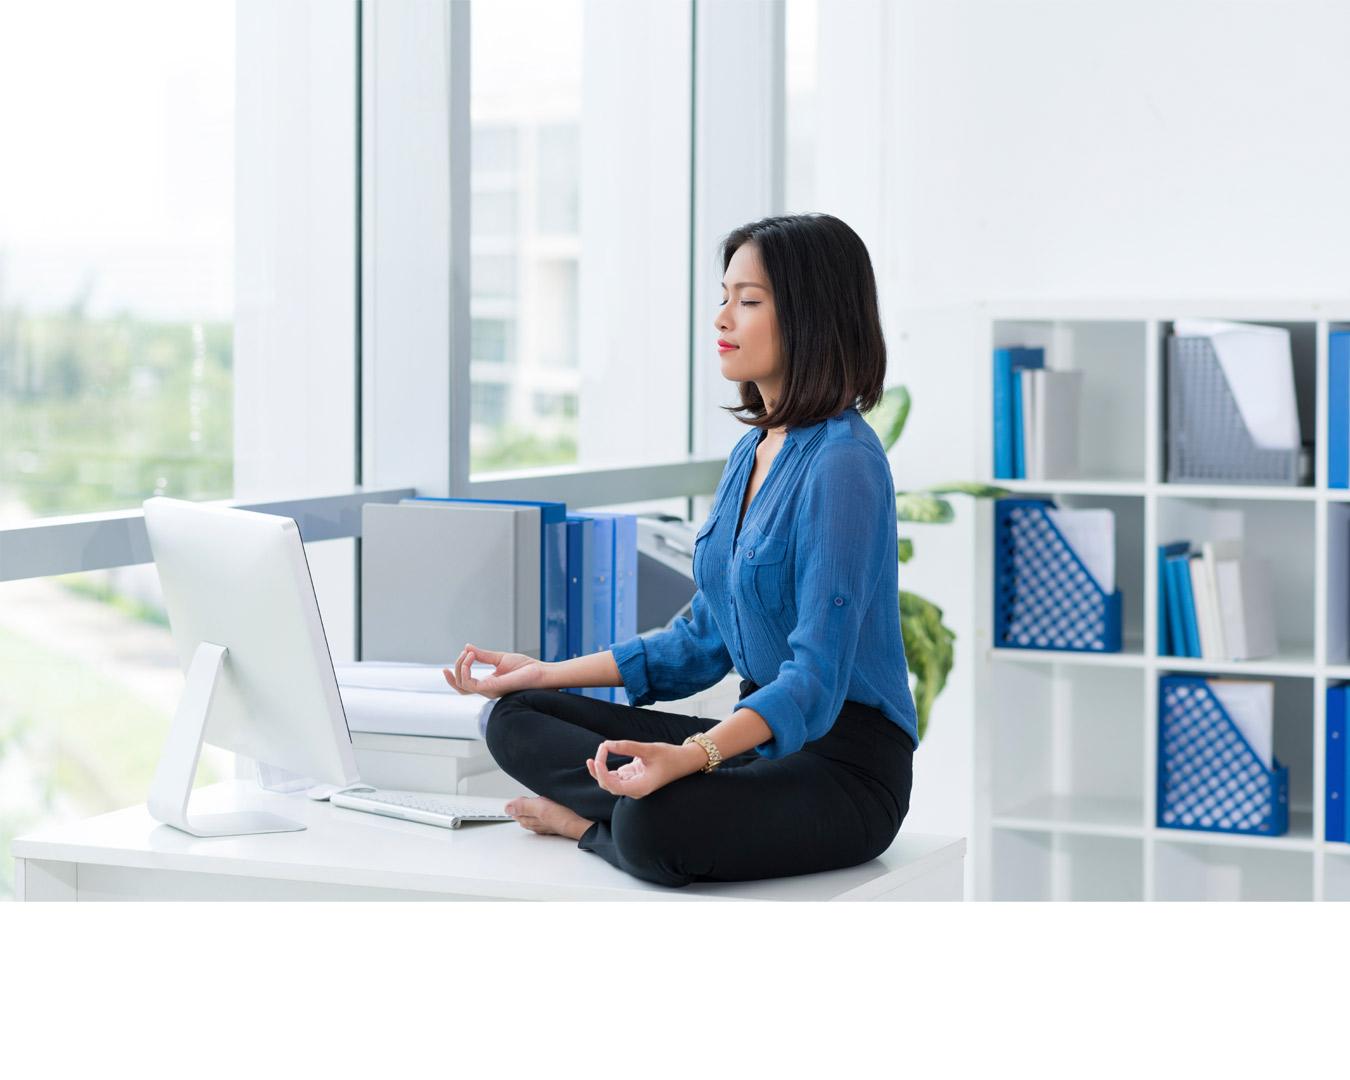 Olvídate de las preocupaciones con estos ejercicios para relajar la mente y centrarse en el presente